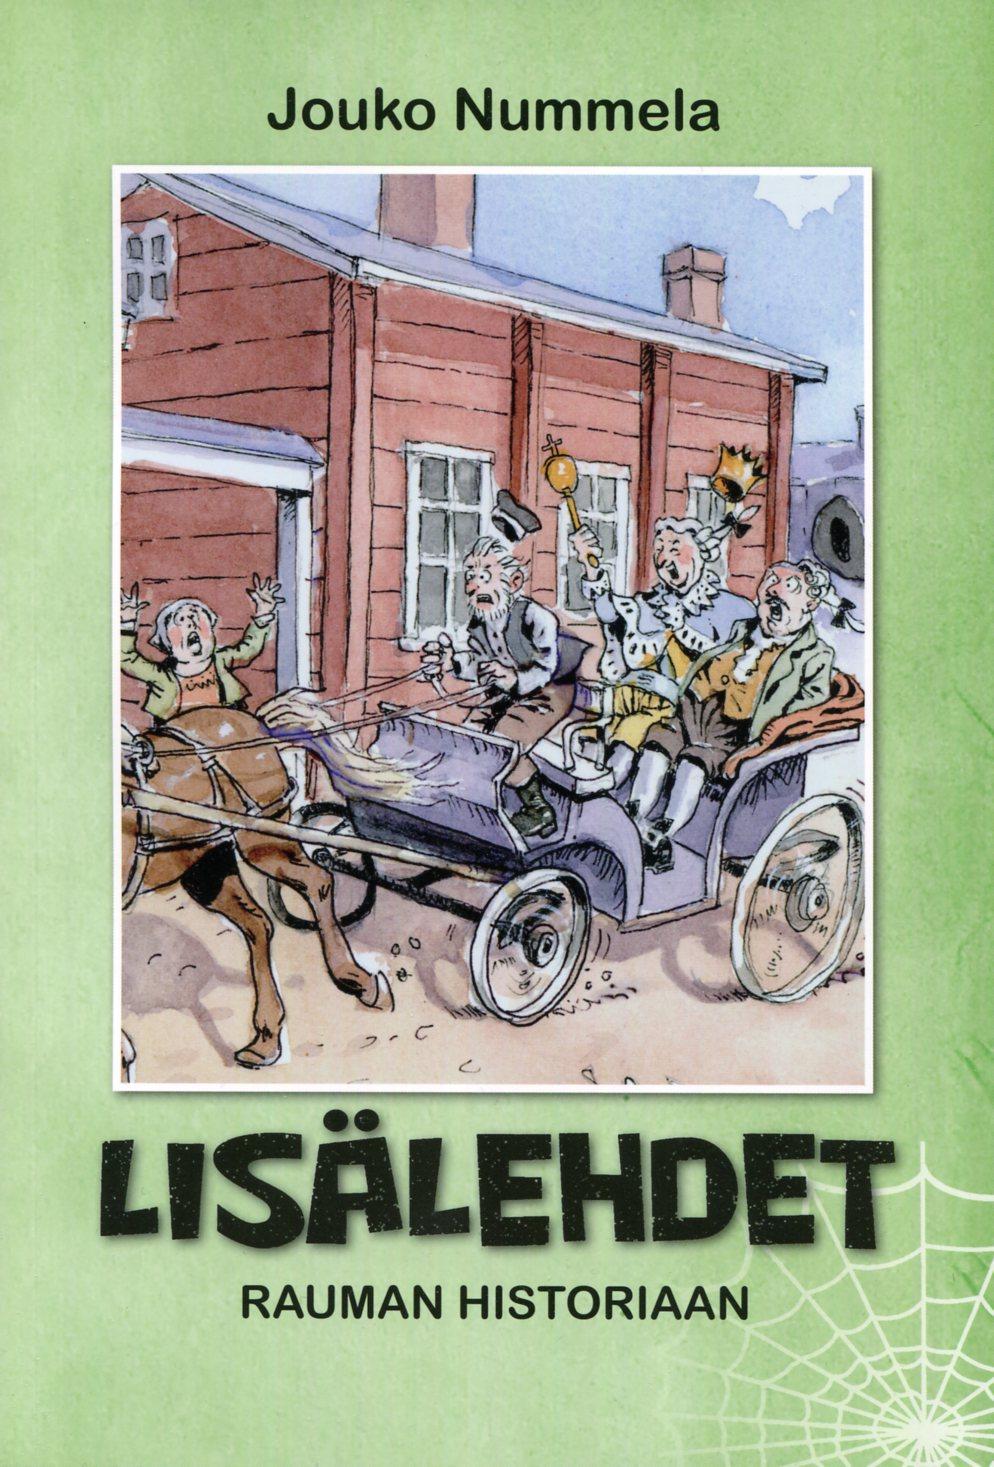 Suomen romanien arkisto − Finitiko kaalengo arkiivos